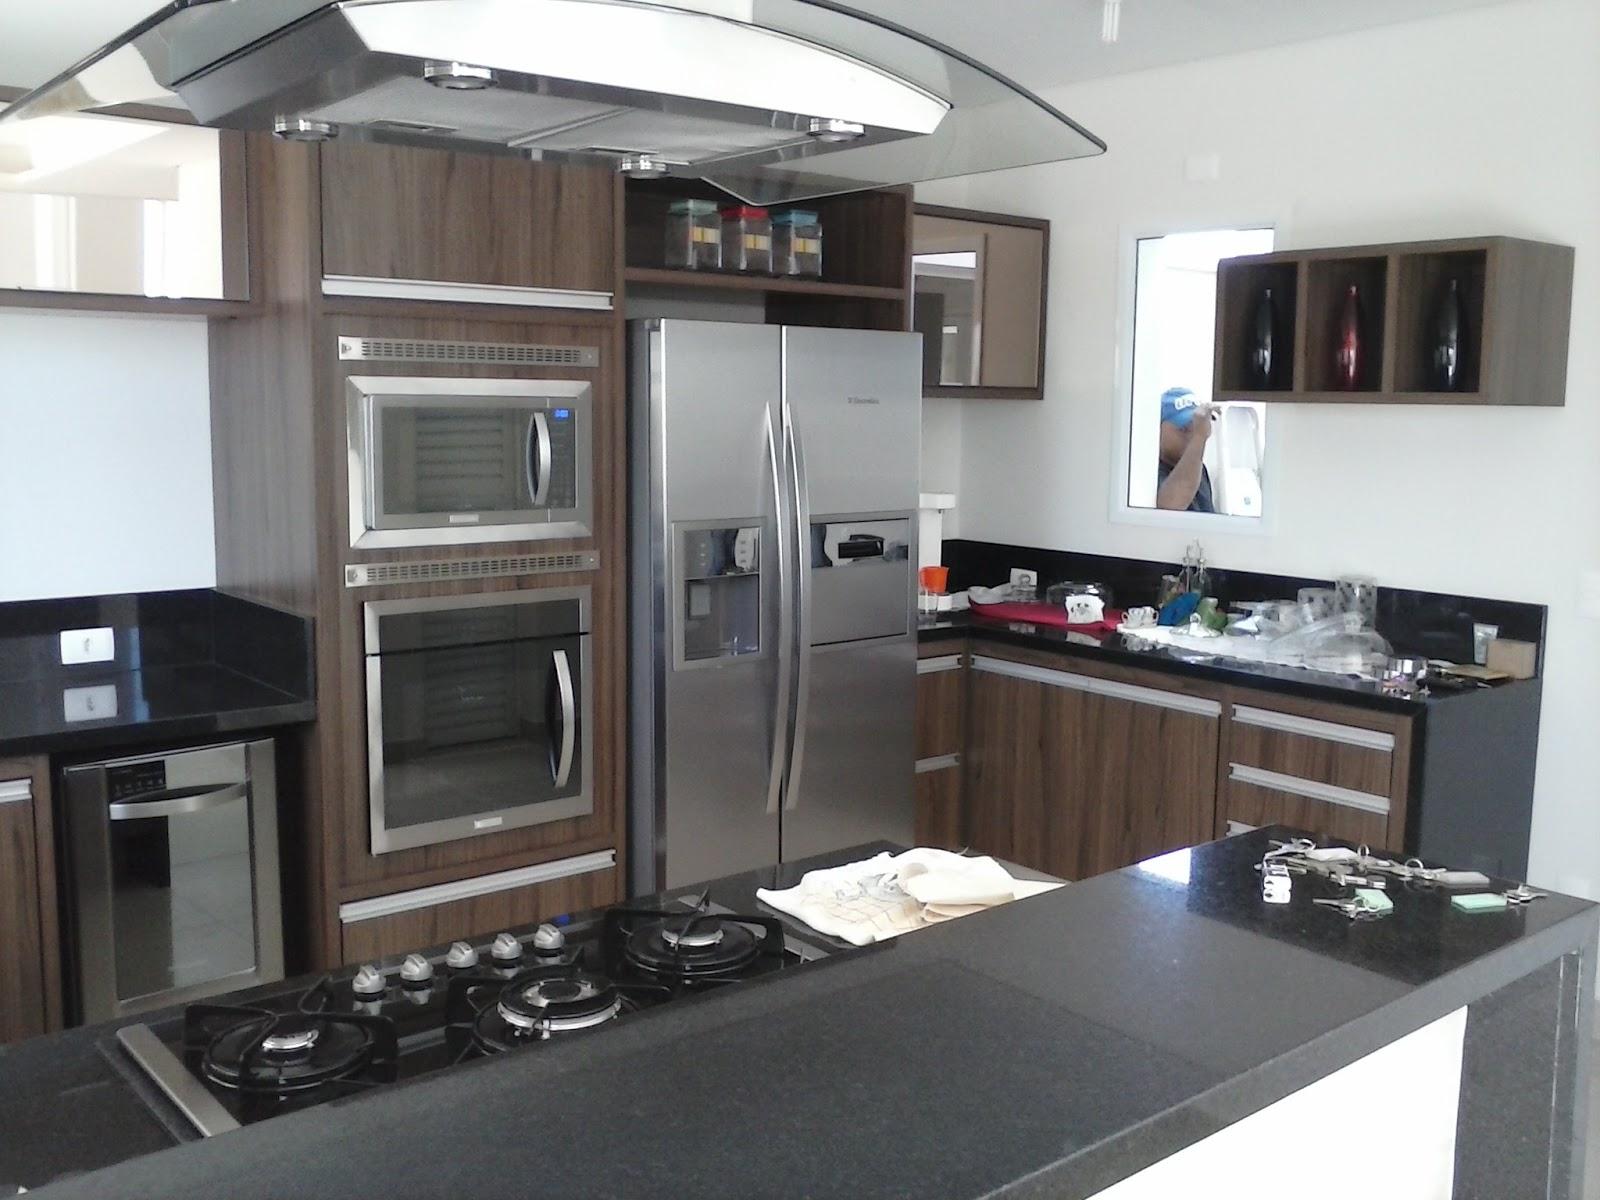 Móveis & Design o Bom Gosto em sua casa: cozinha moderna alto padrão #576274 1600 1200